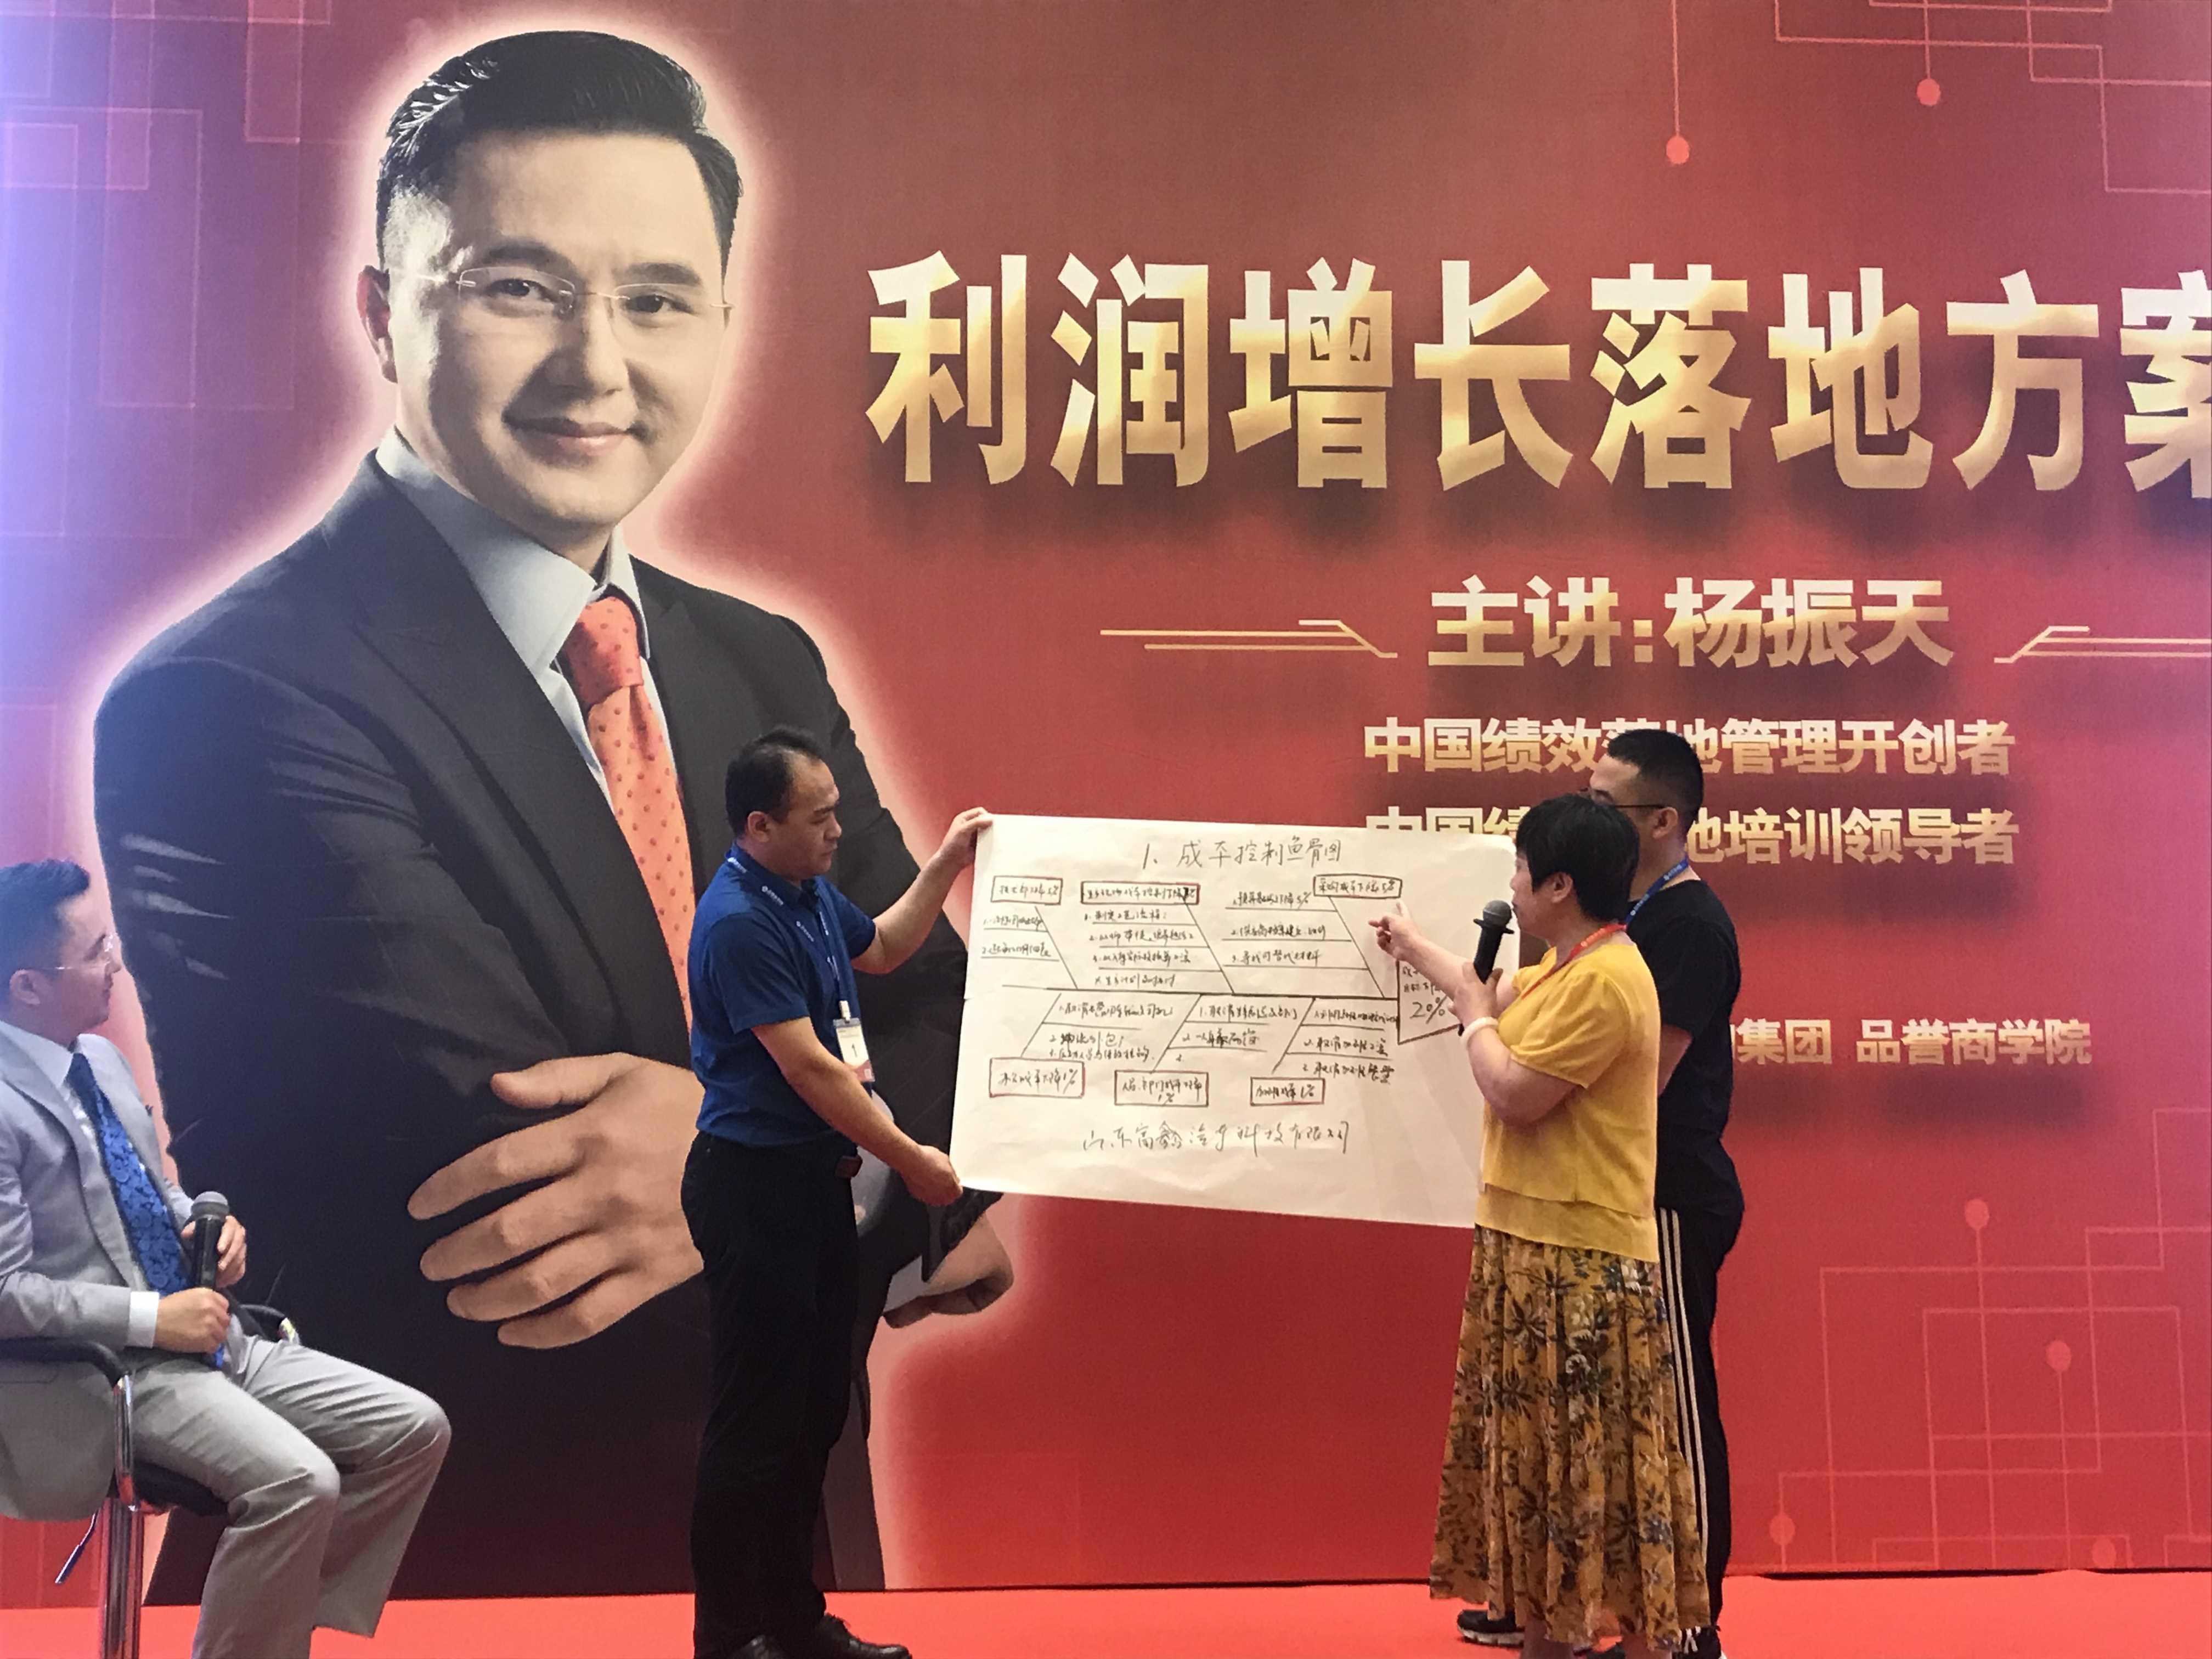 国家新的企业所得税政策已然落地实施,各大企业老板应如何制定<a href='http://www.pinyuzixun.cn/xwzx/xyzx/' target='_blank'><u>税务筹划</u></a>方案的相关示图一